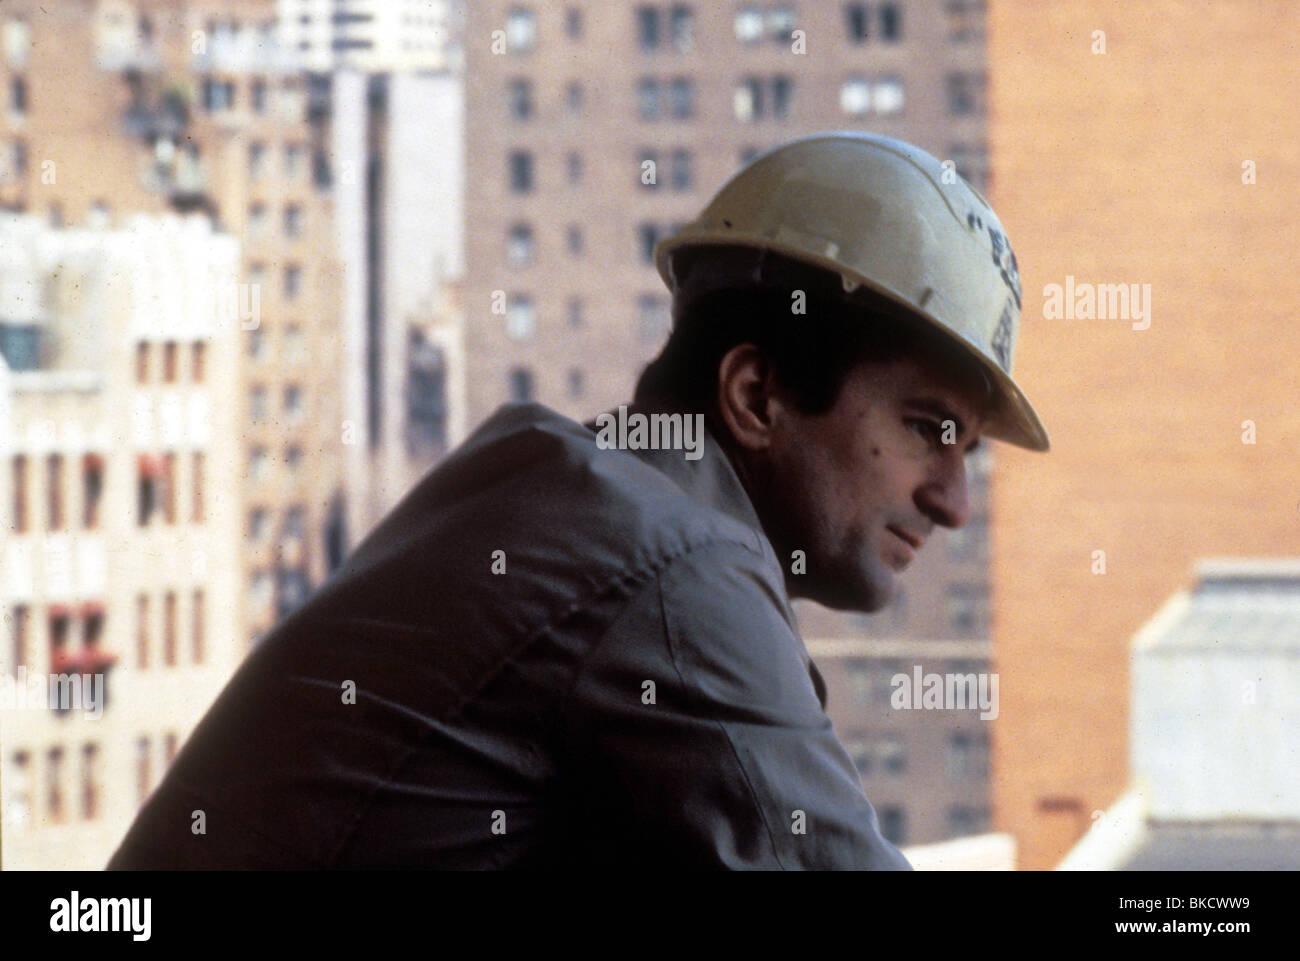 FALLING IN LOVE (1984) ROBERT DE NIRO FIL 029 - Stock Image